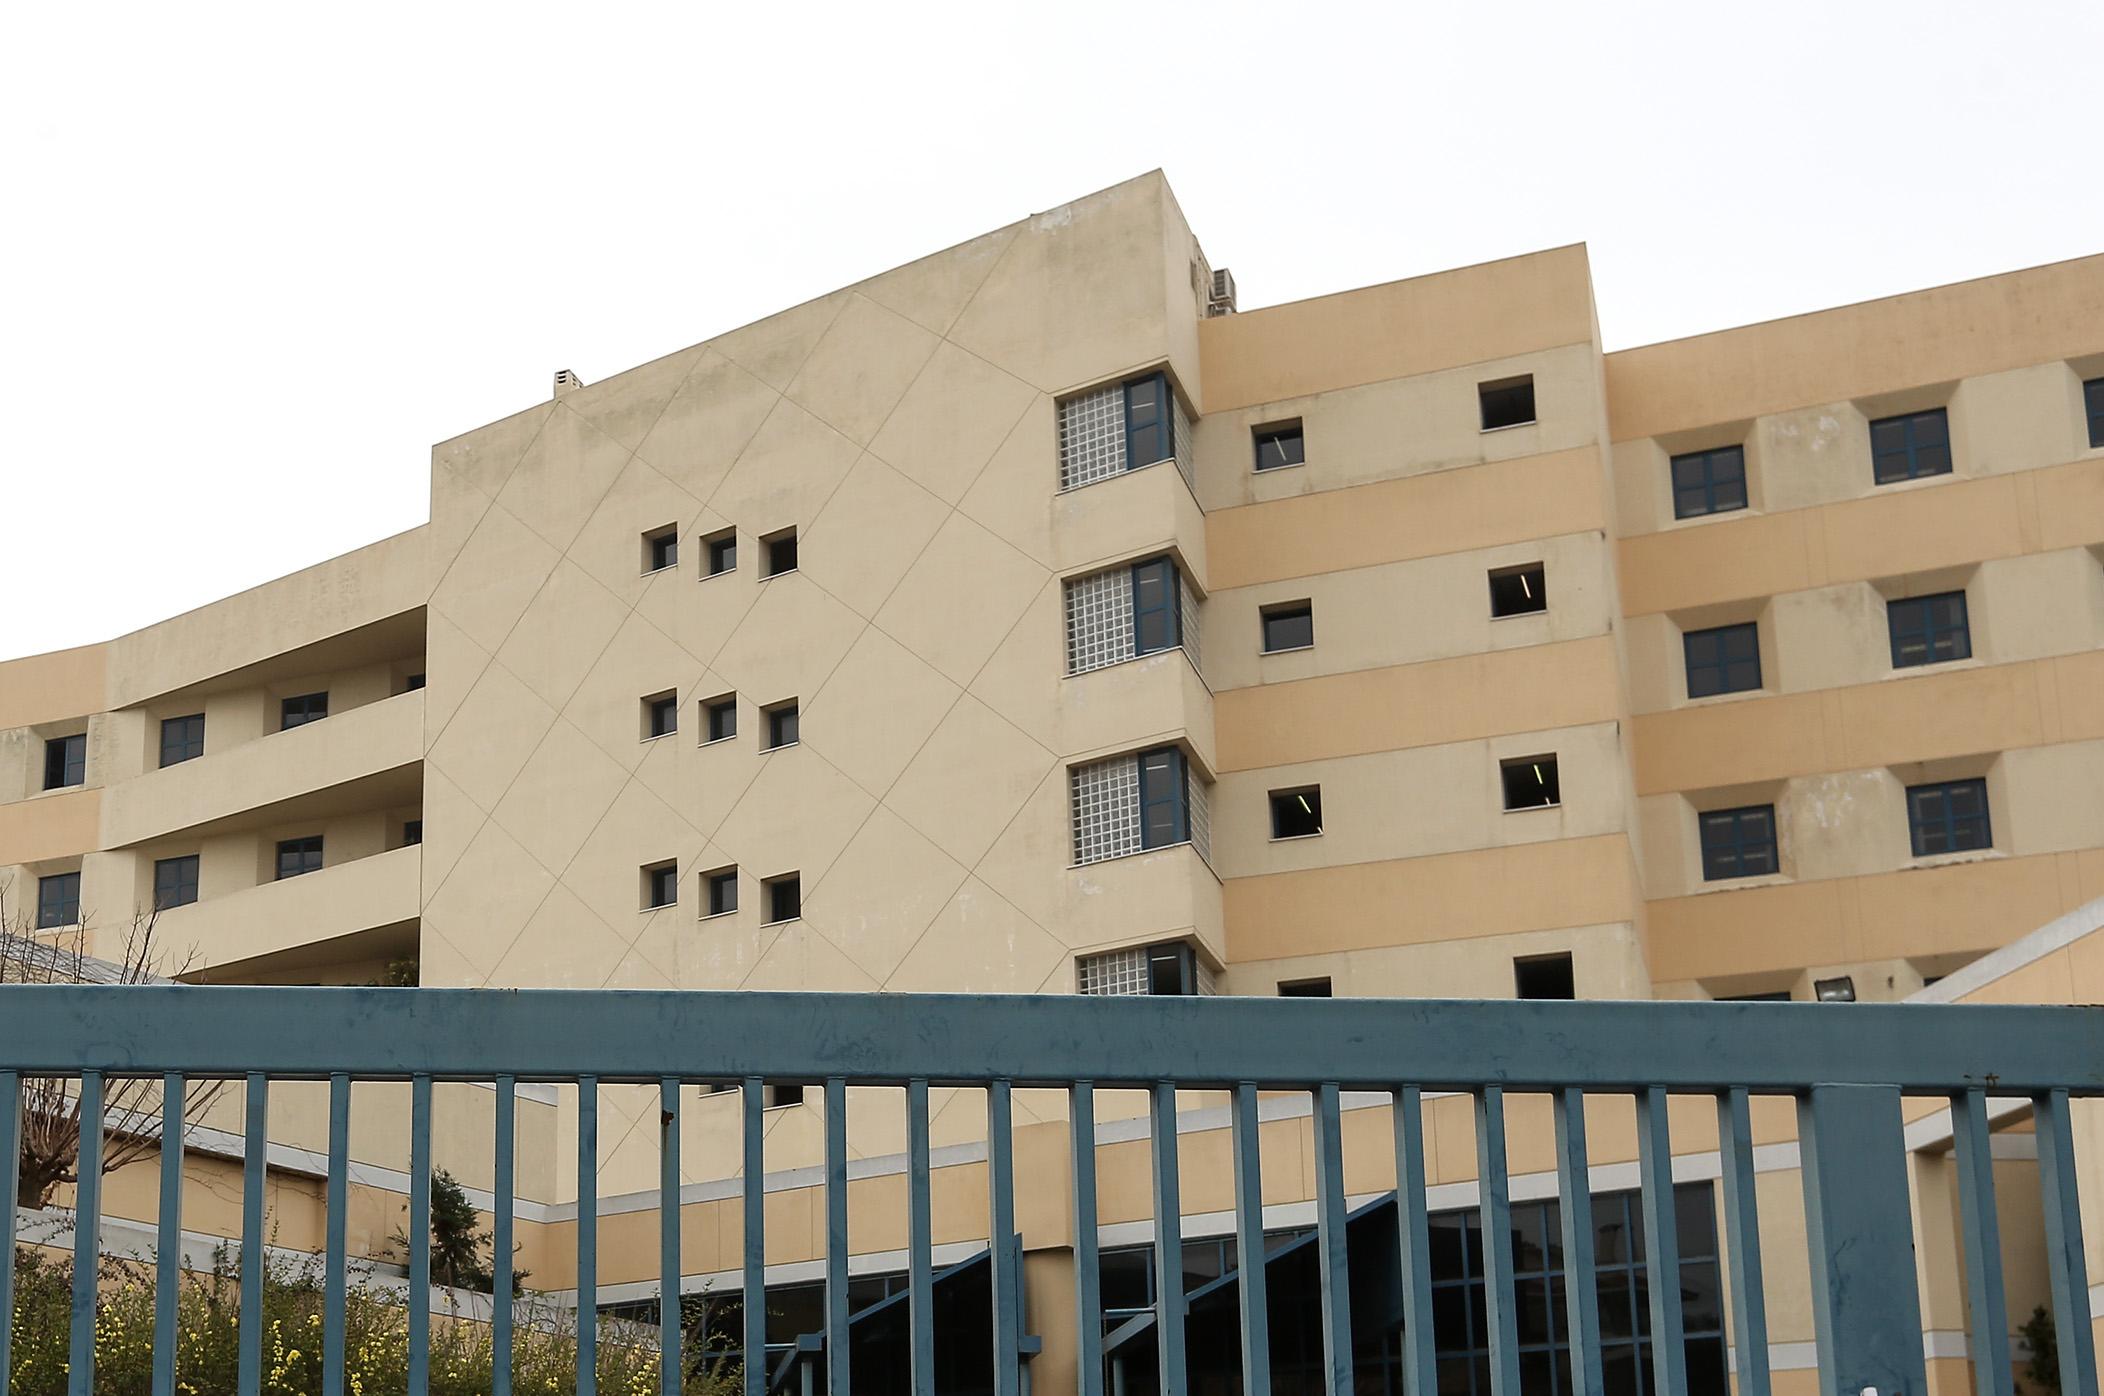 Σεισμός στην Αθήνα: Σε επιφυλακή το υπουργείο Μεταφορών